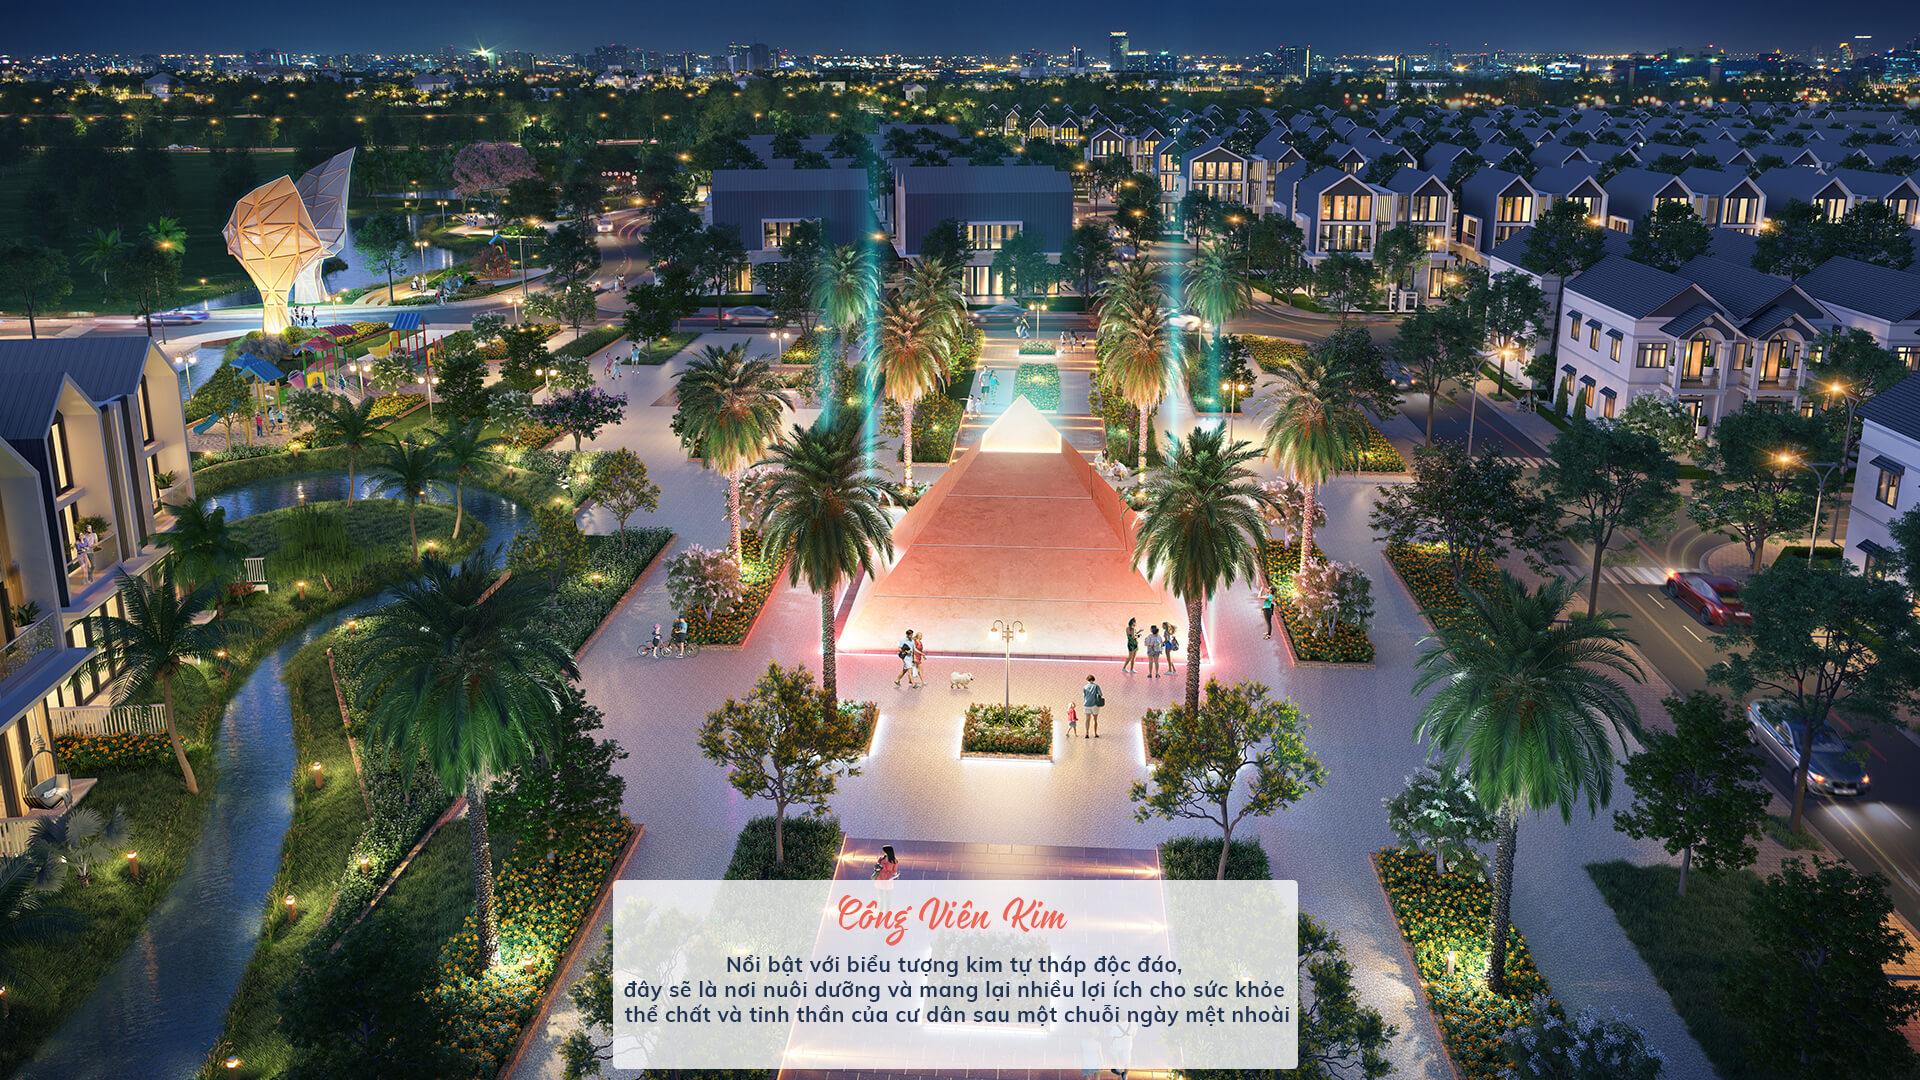 công viên kim dự án the fusion châu đức